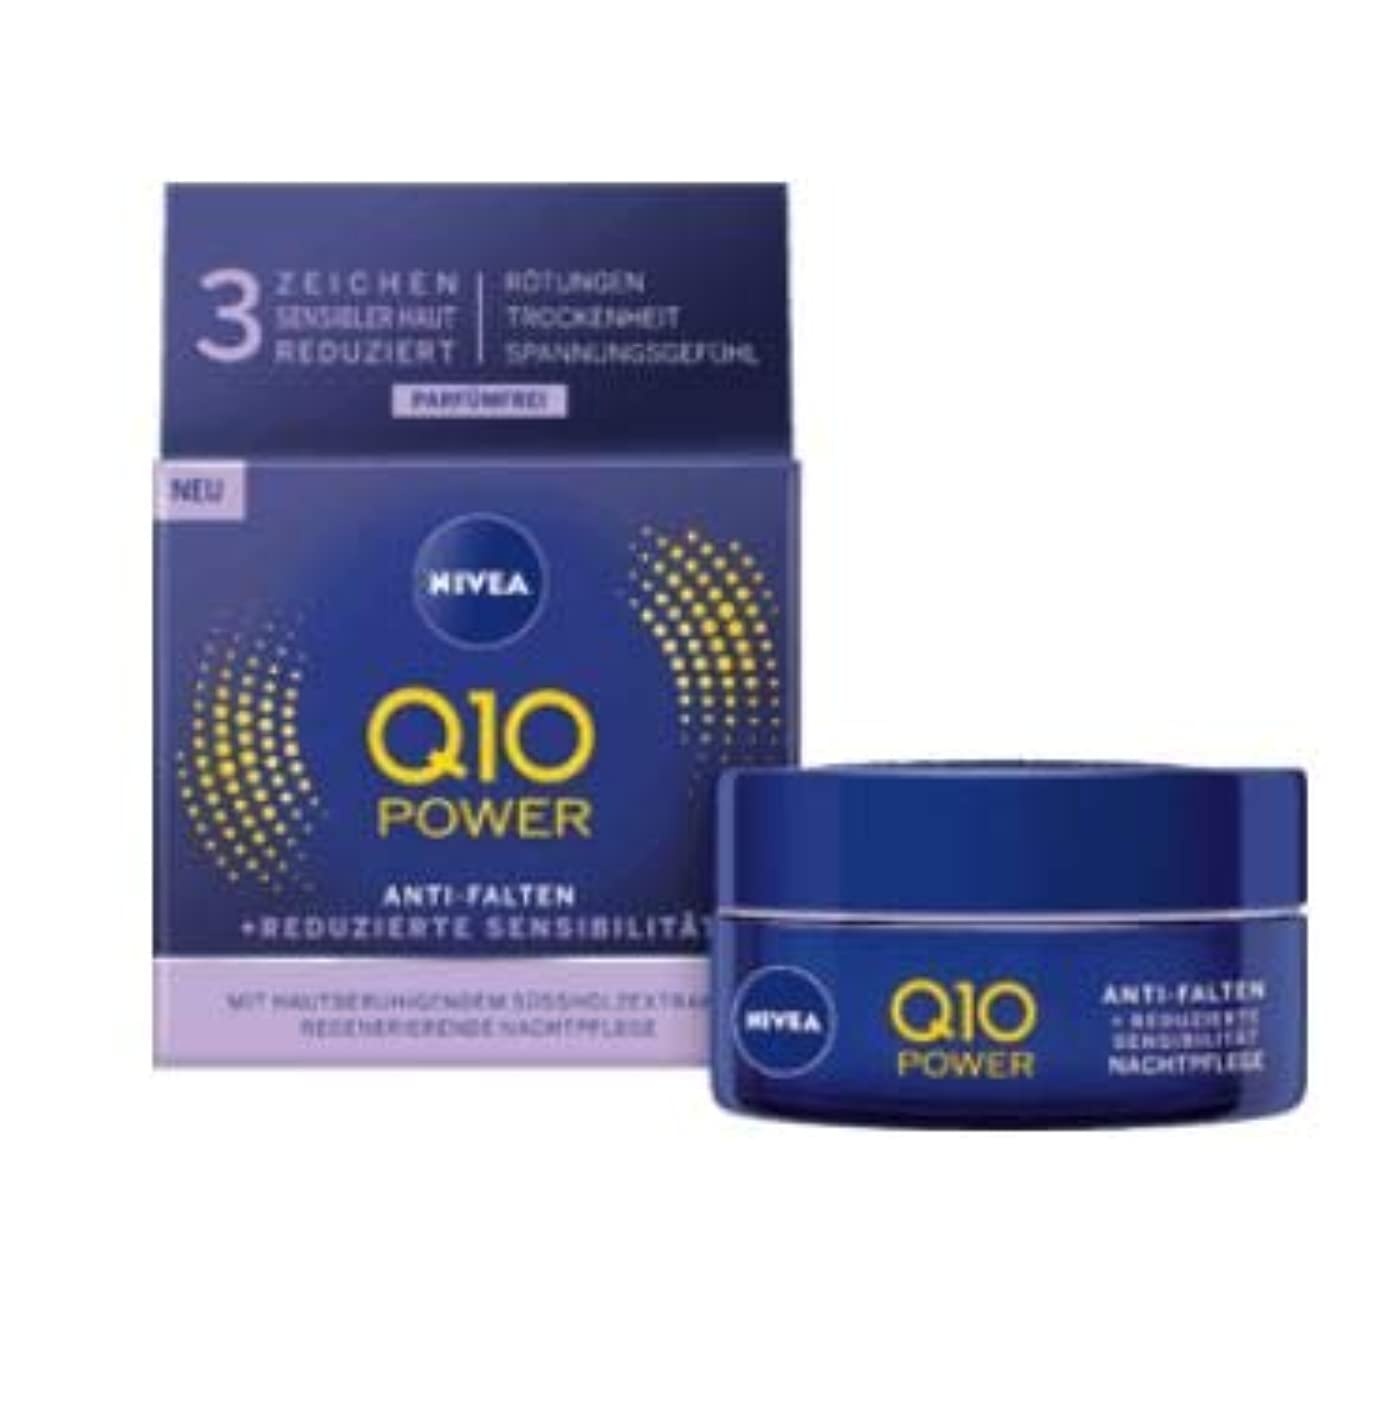 拒絶するマッサージメナジェリーニベア Nivea Q10 パワー ナイトクリーム 敏感肌用 50ml [並行輸入品]